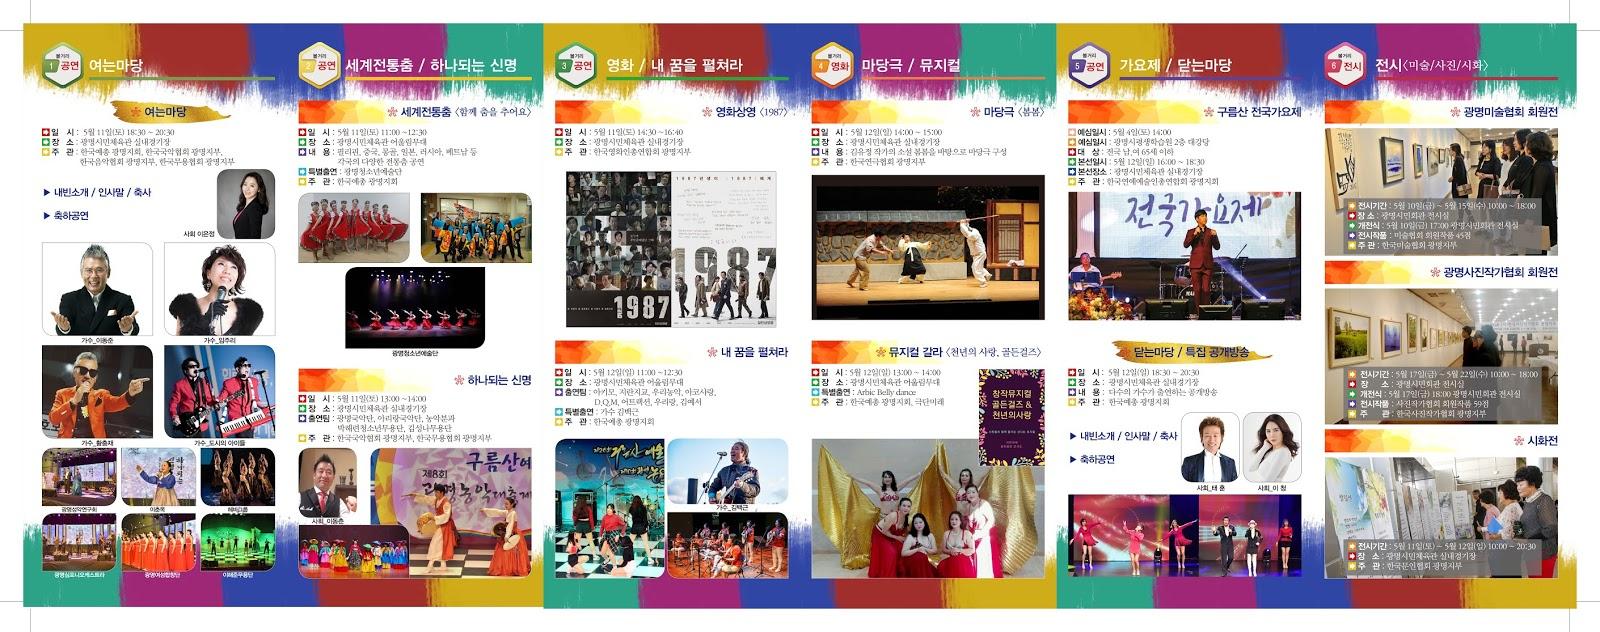 5월 11일, 제29회 구름산예술제 '예술에 취하다' 개막